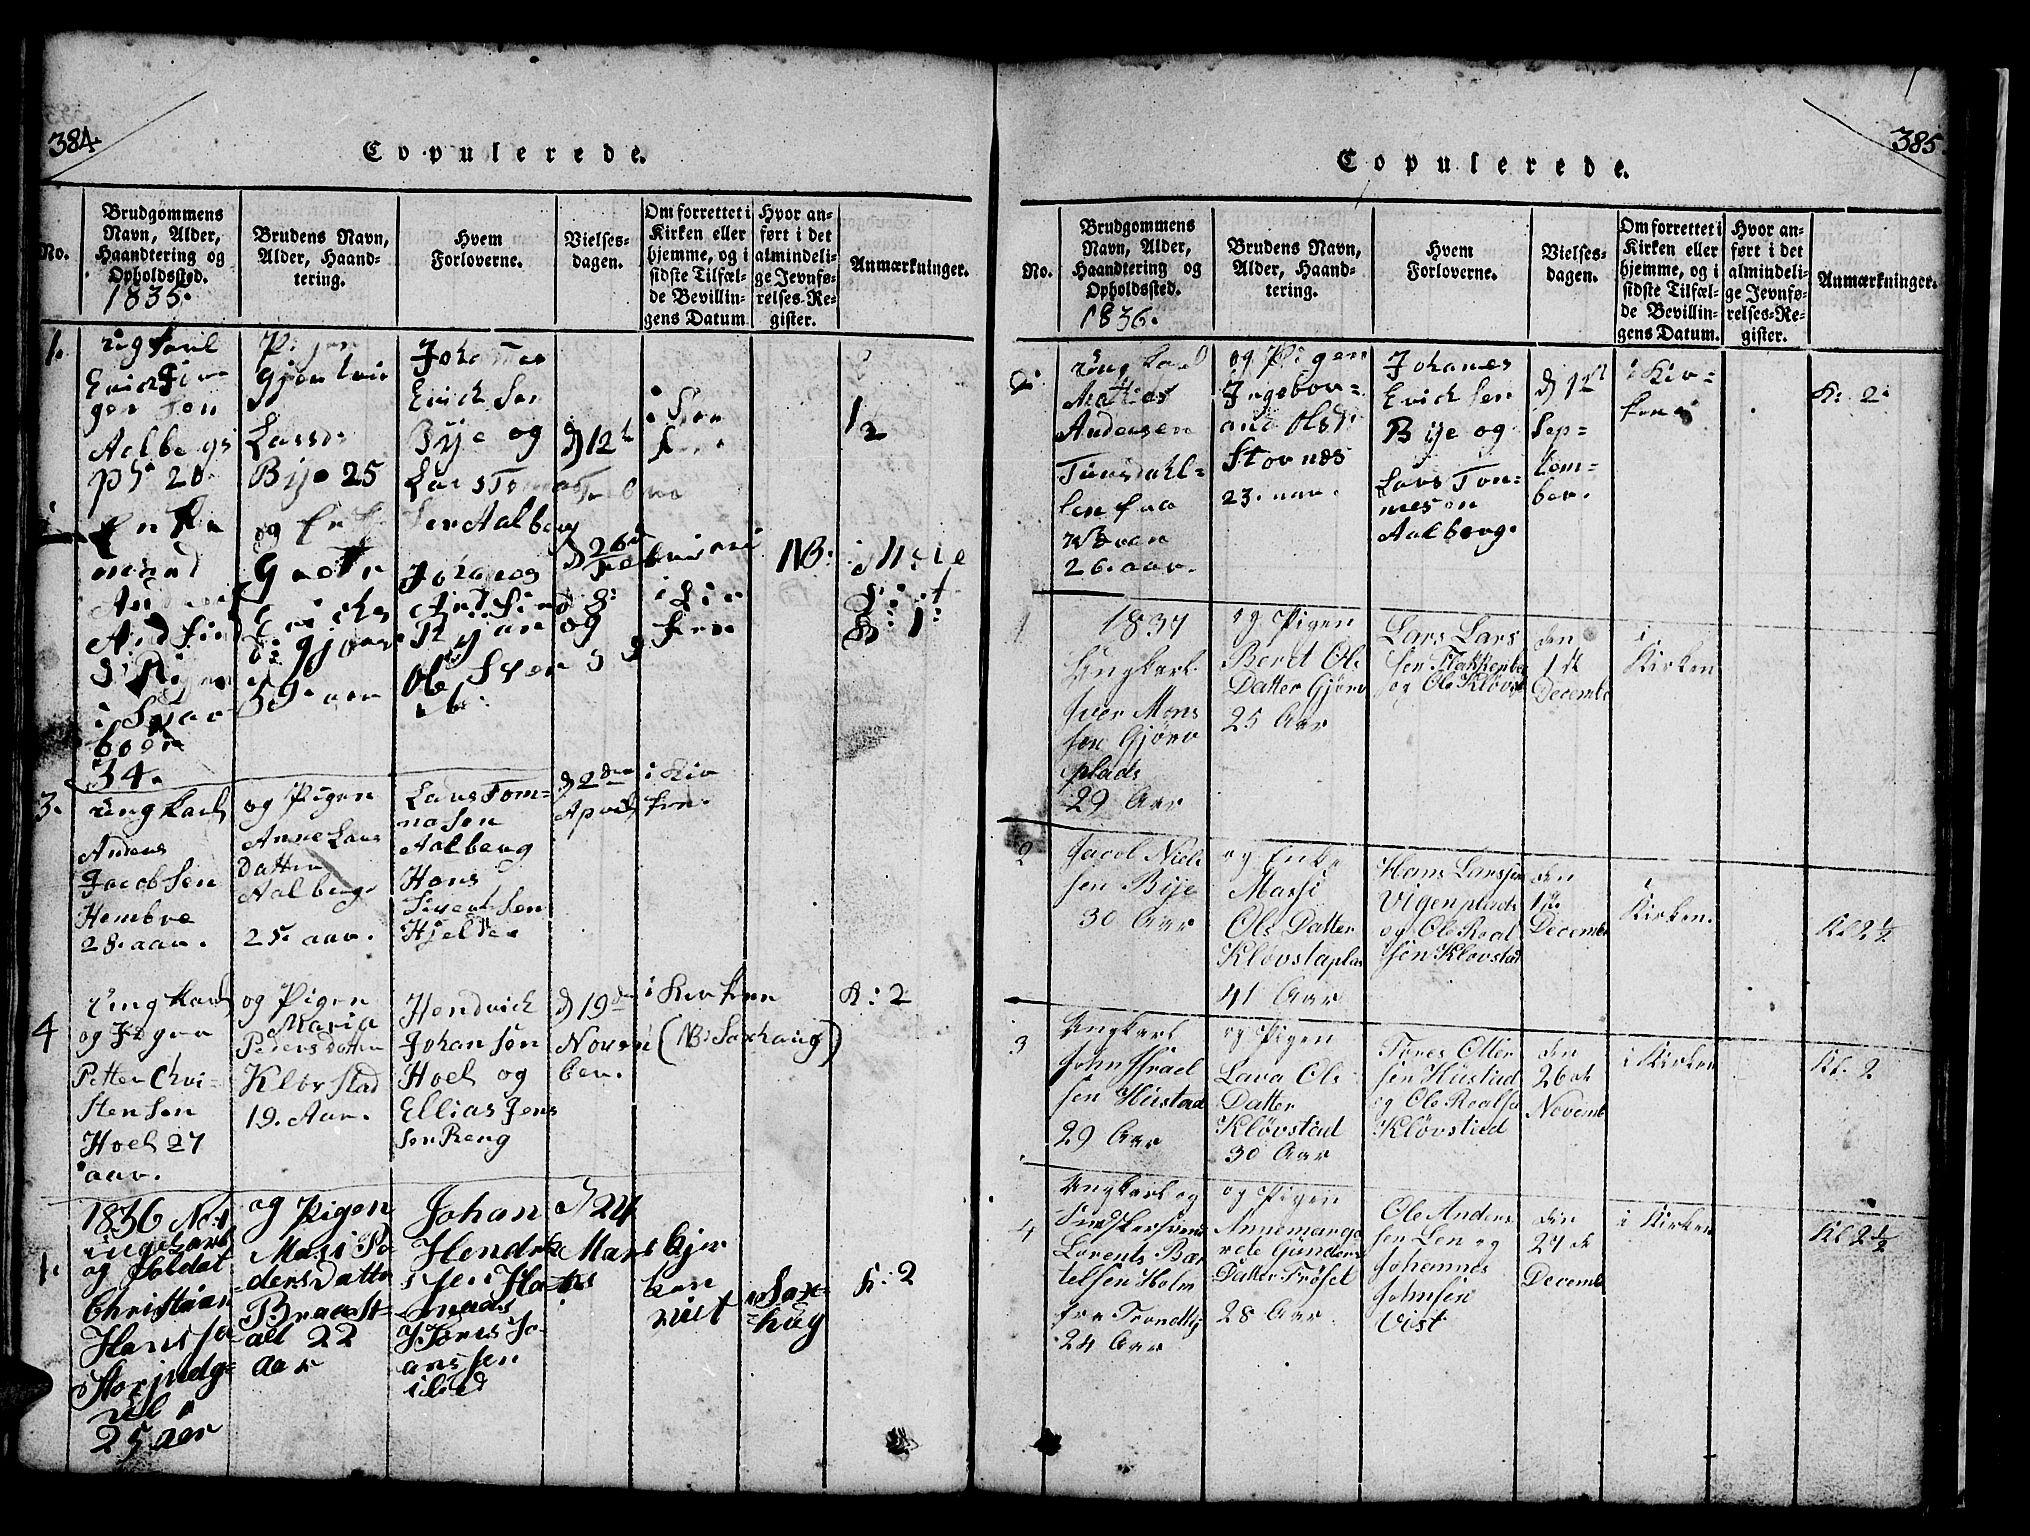 SAT, Ministerialprotokoller, klokkerbøker og fødselsregistre - Nord-Trøndelag, 732/L0317: Klokkerbok nr. 732C01, 1816-1881, s. 384-385